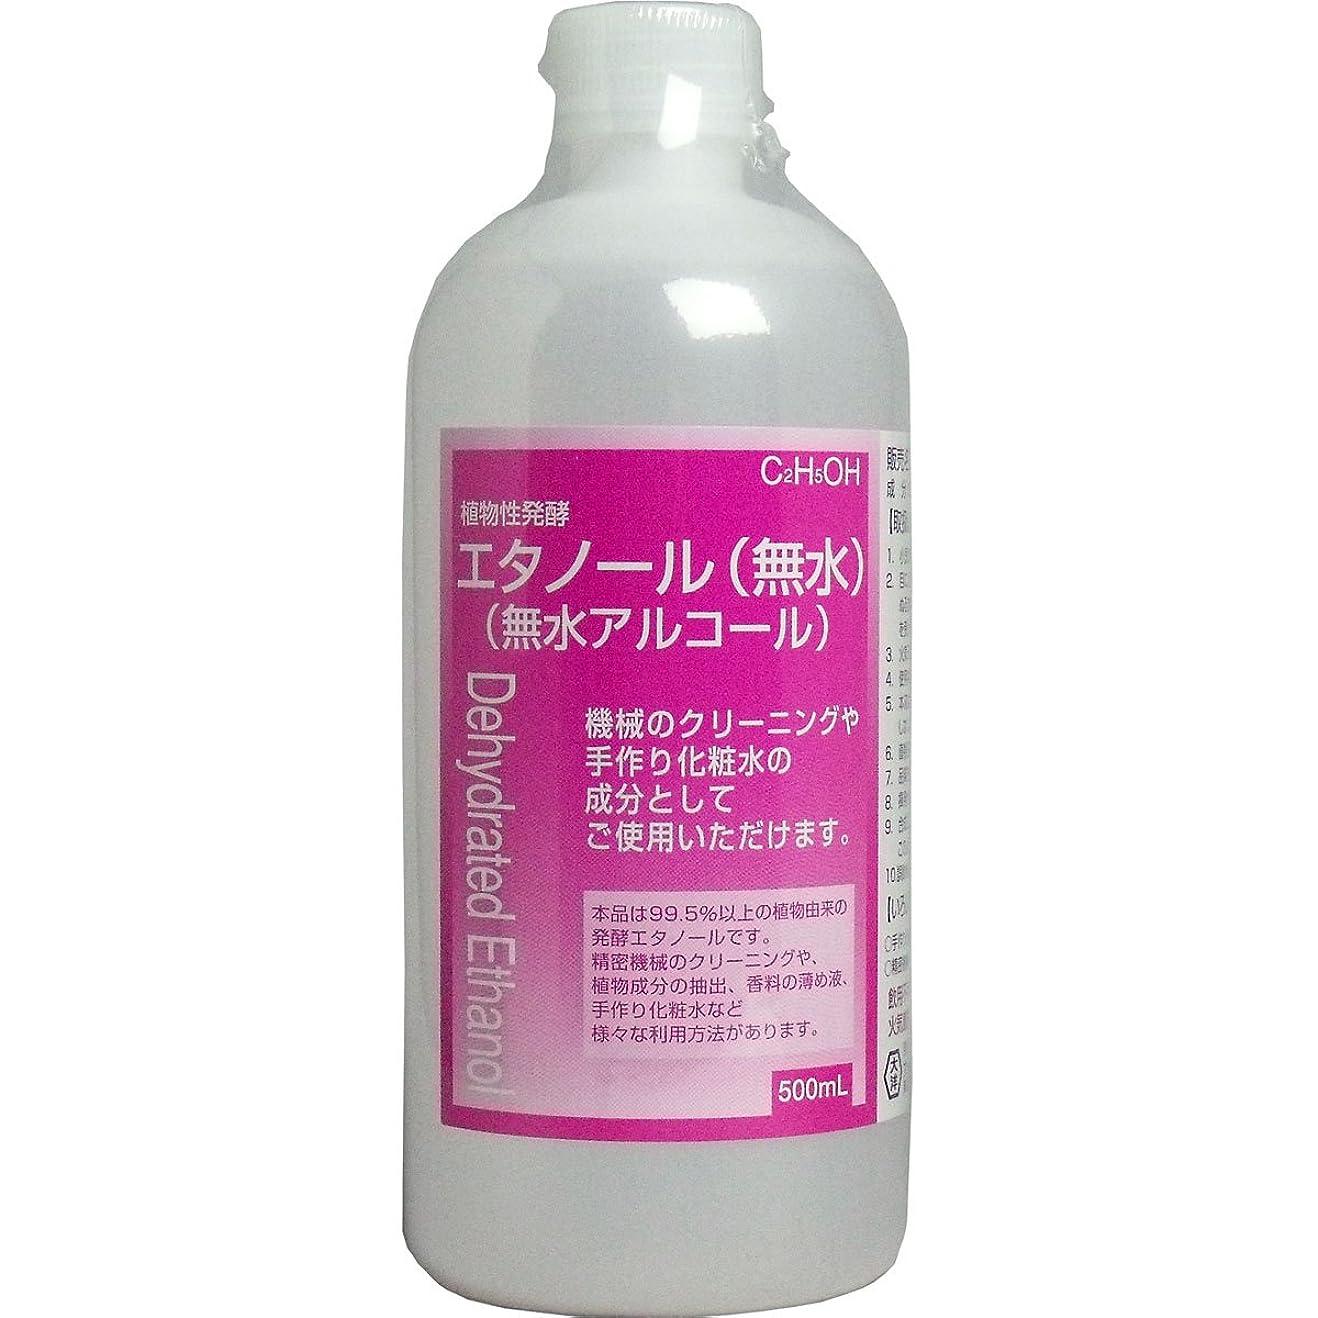 補う相互失敗手作り化粧水に 植物性発酵エタノール(無水エタノール) 500mL